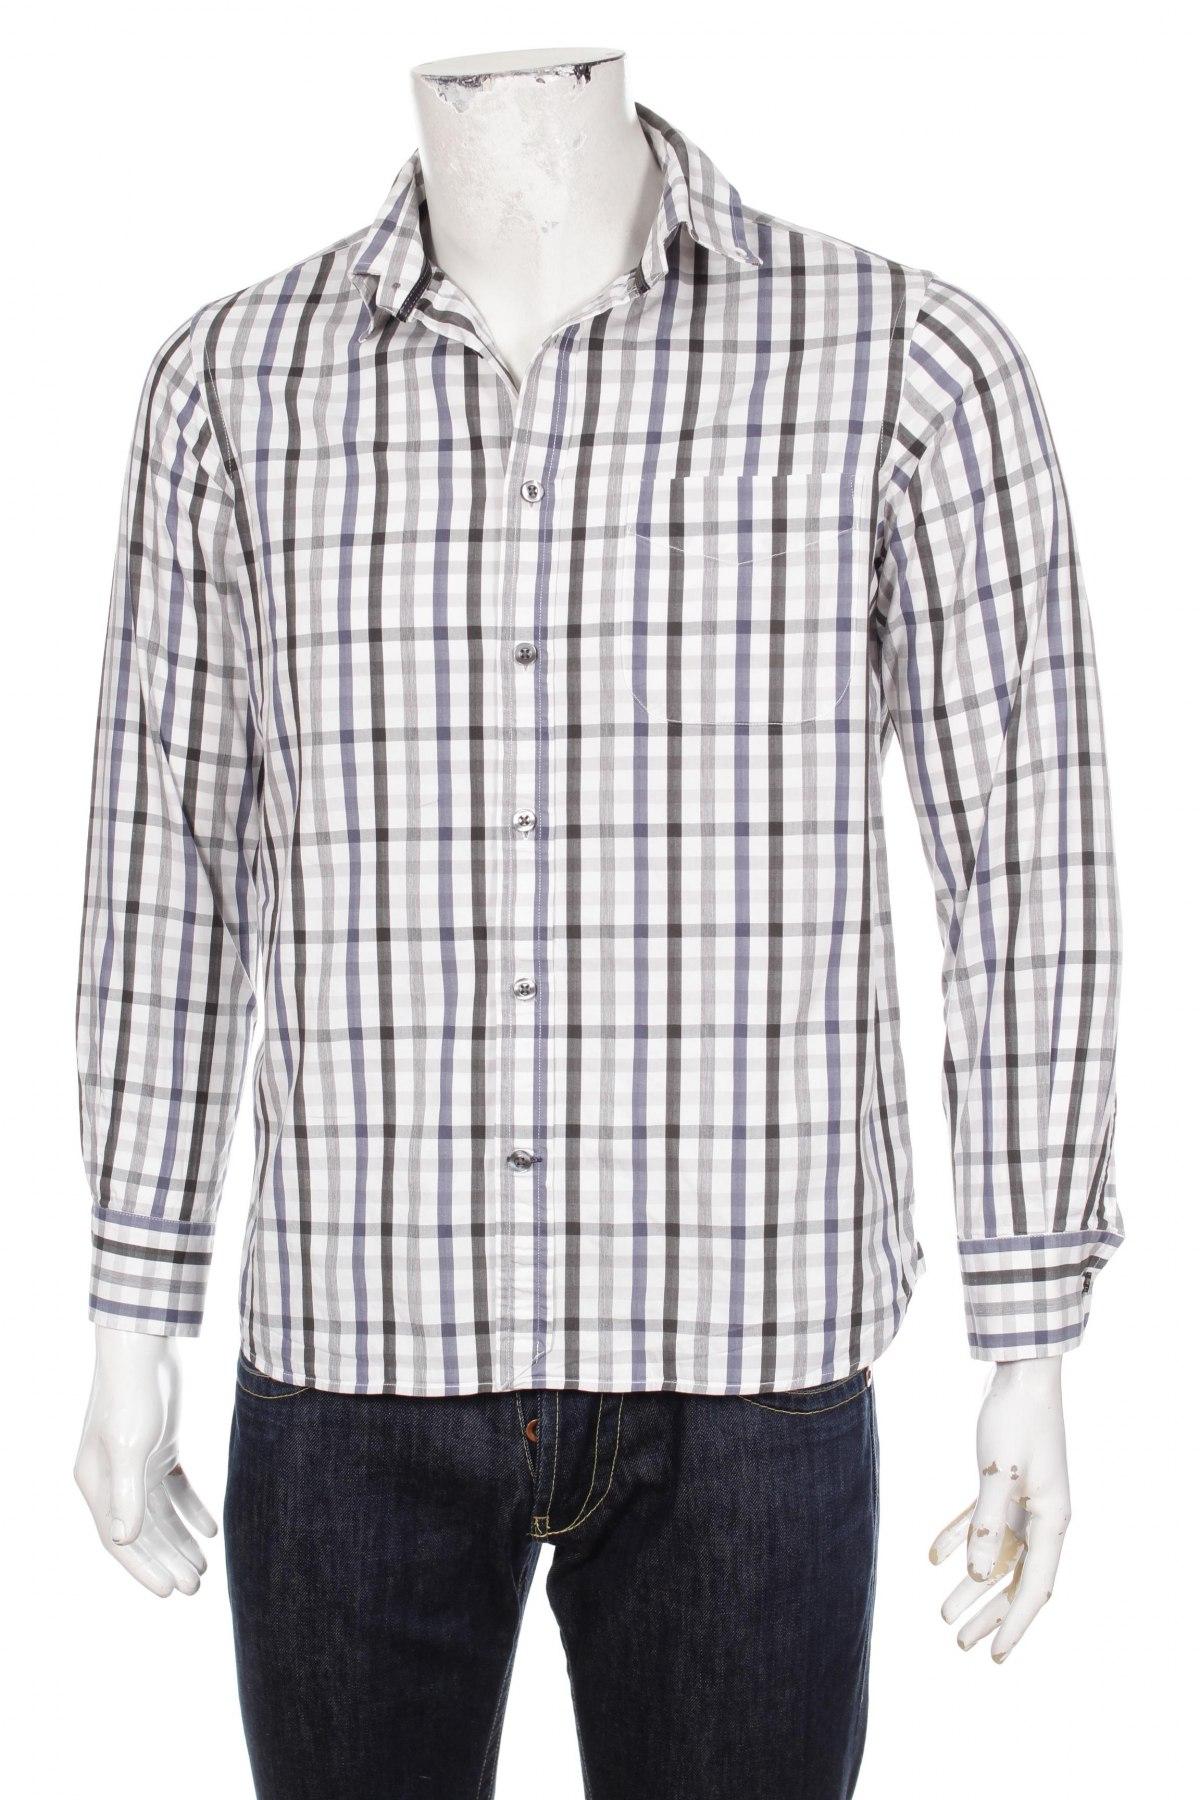 9cd49ae35626 Ανδρικό πουκάμισο Marks   Spencer Blue Harbour - σε συμφέρουσα τιμή ...